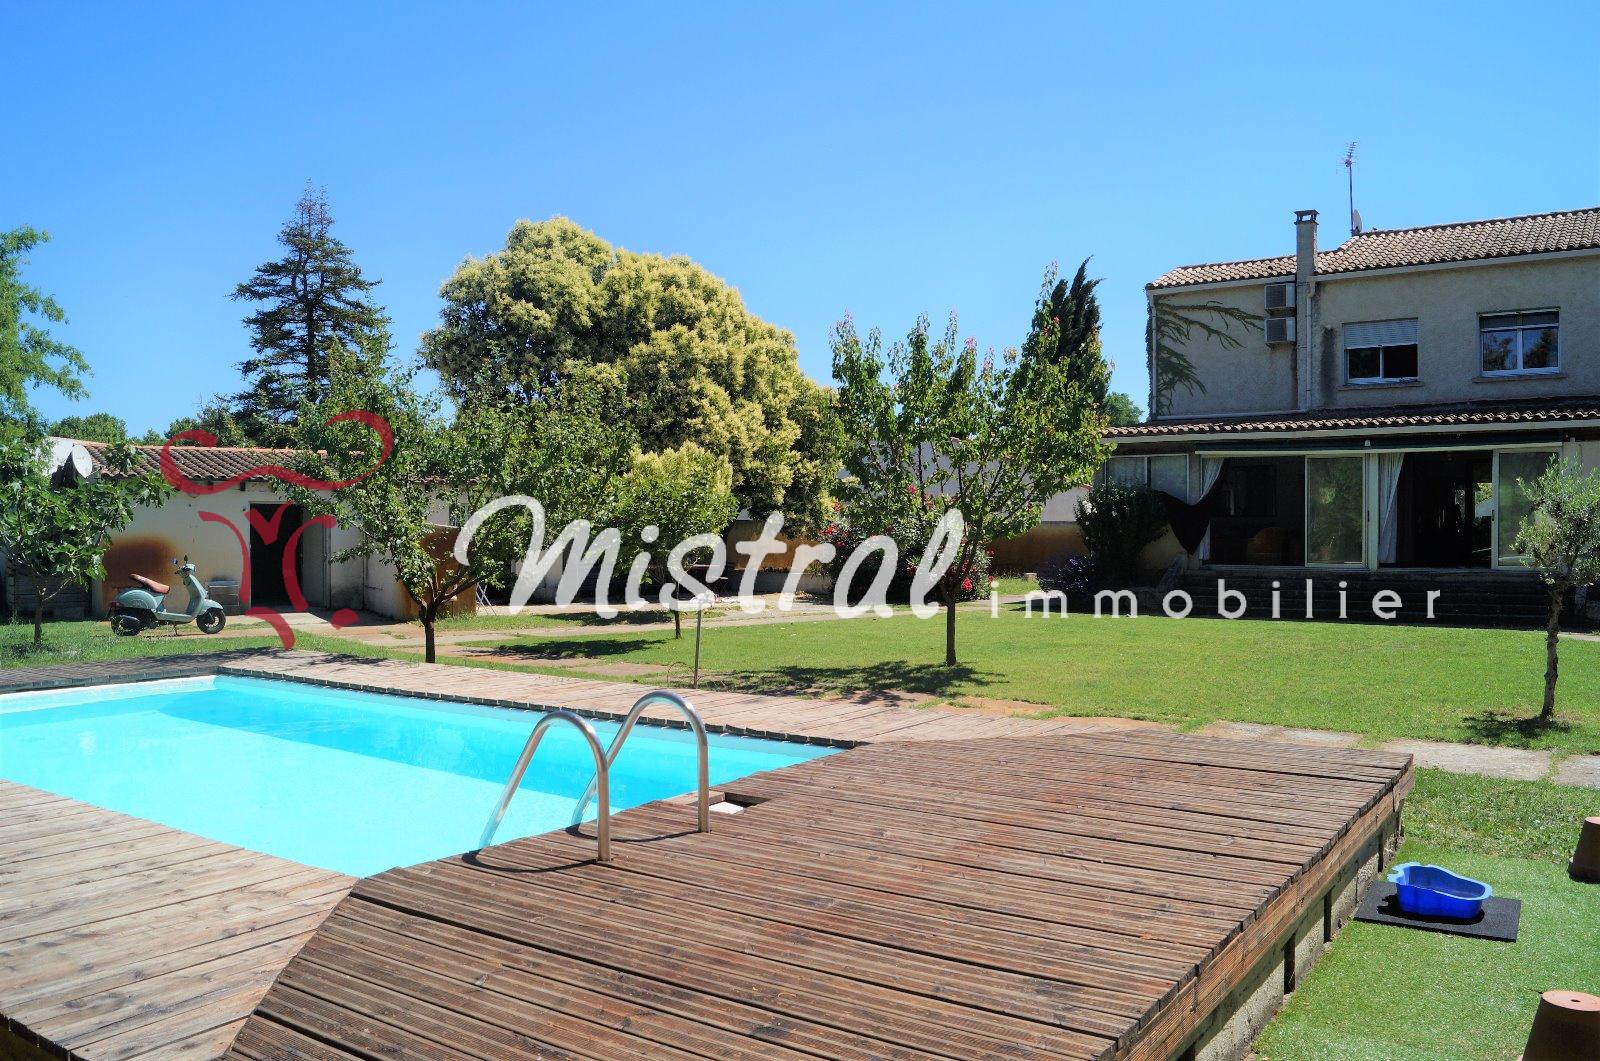 Vente vente maison st laurent d 39 aigouze 5 chambres sur 1400m de terrain piscine garage - Piscine st laurent de chamousset ...